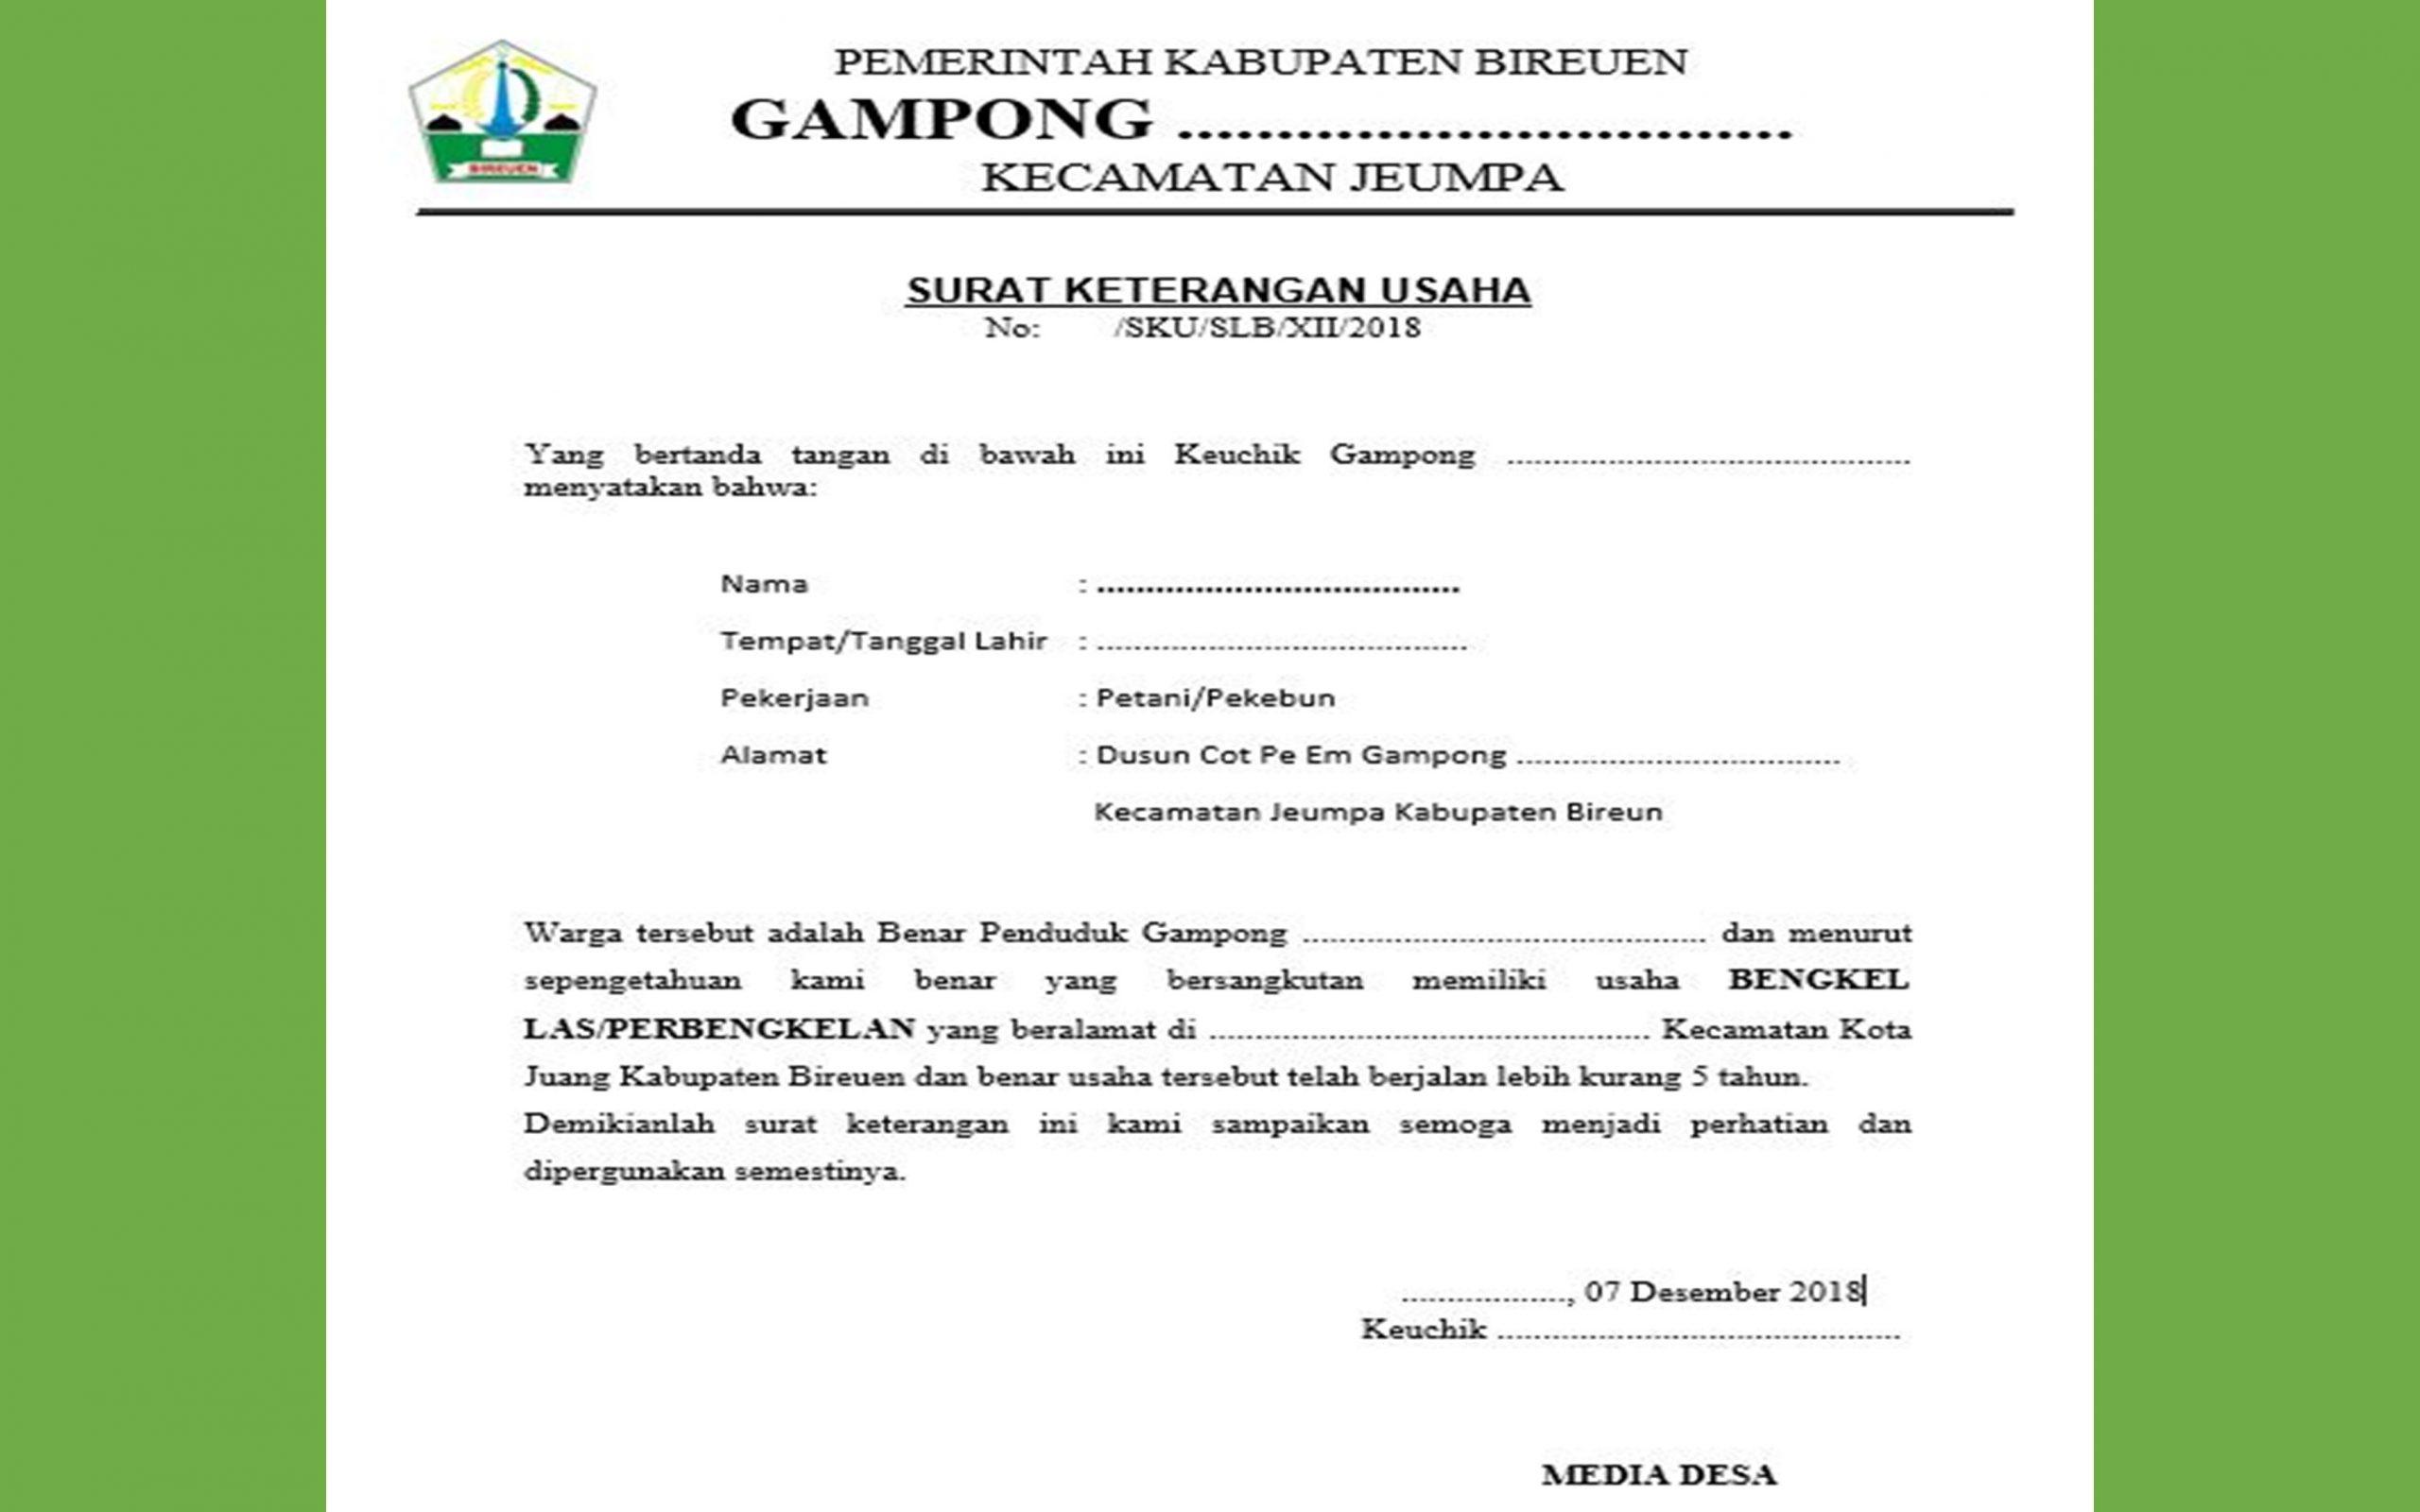 Contoh Surat Keterangan Usaha Media Desa